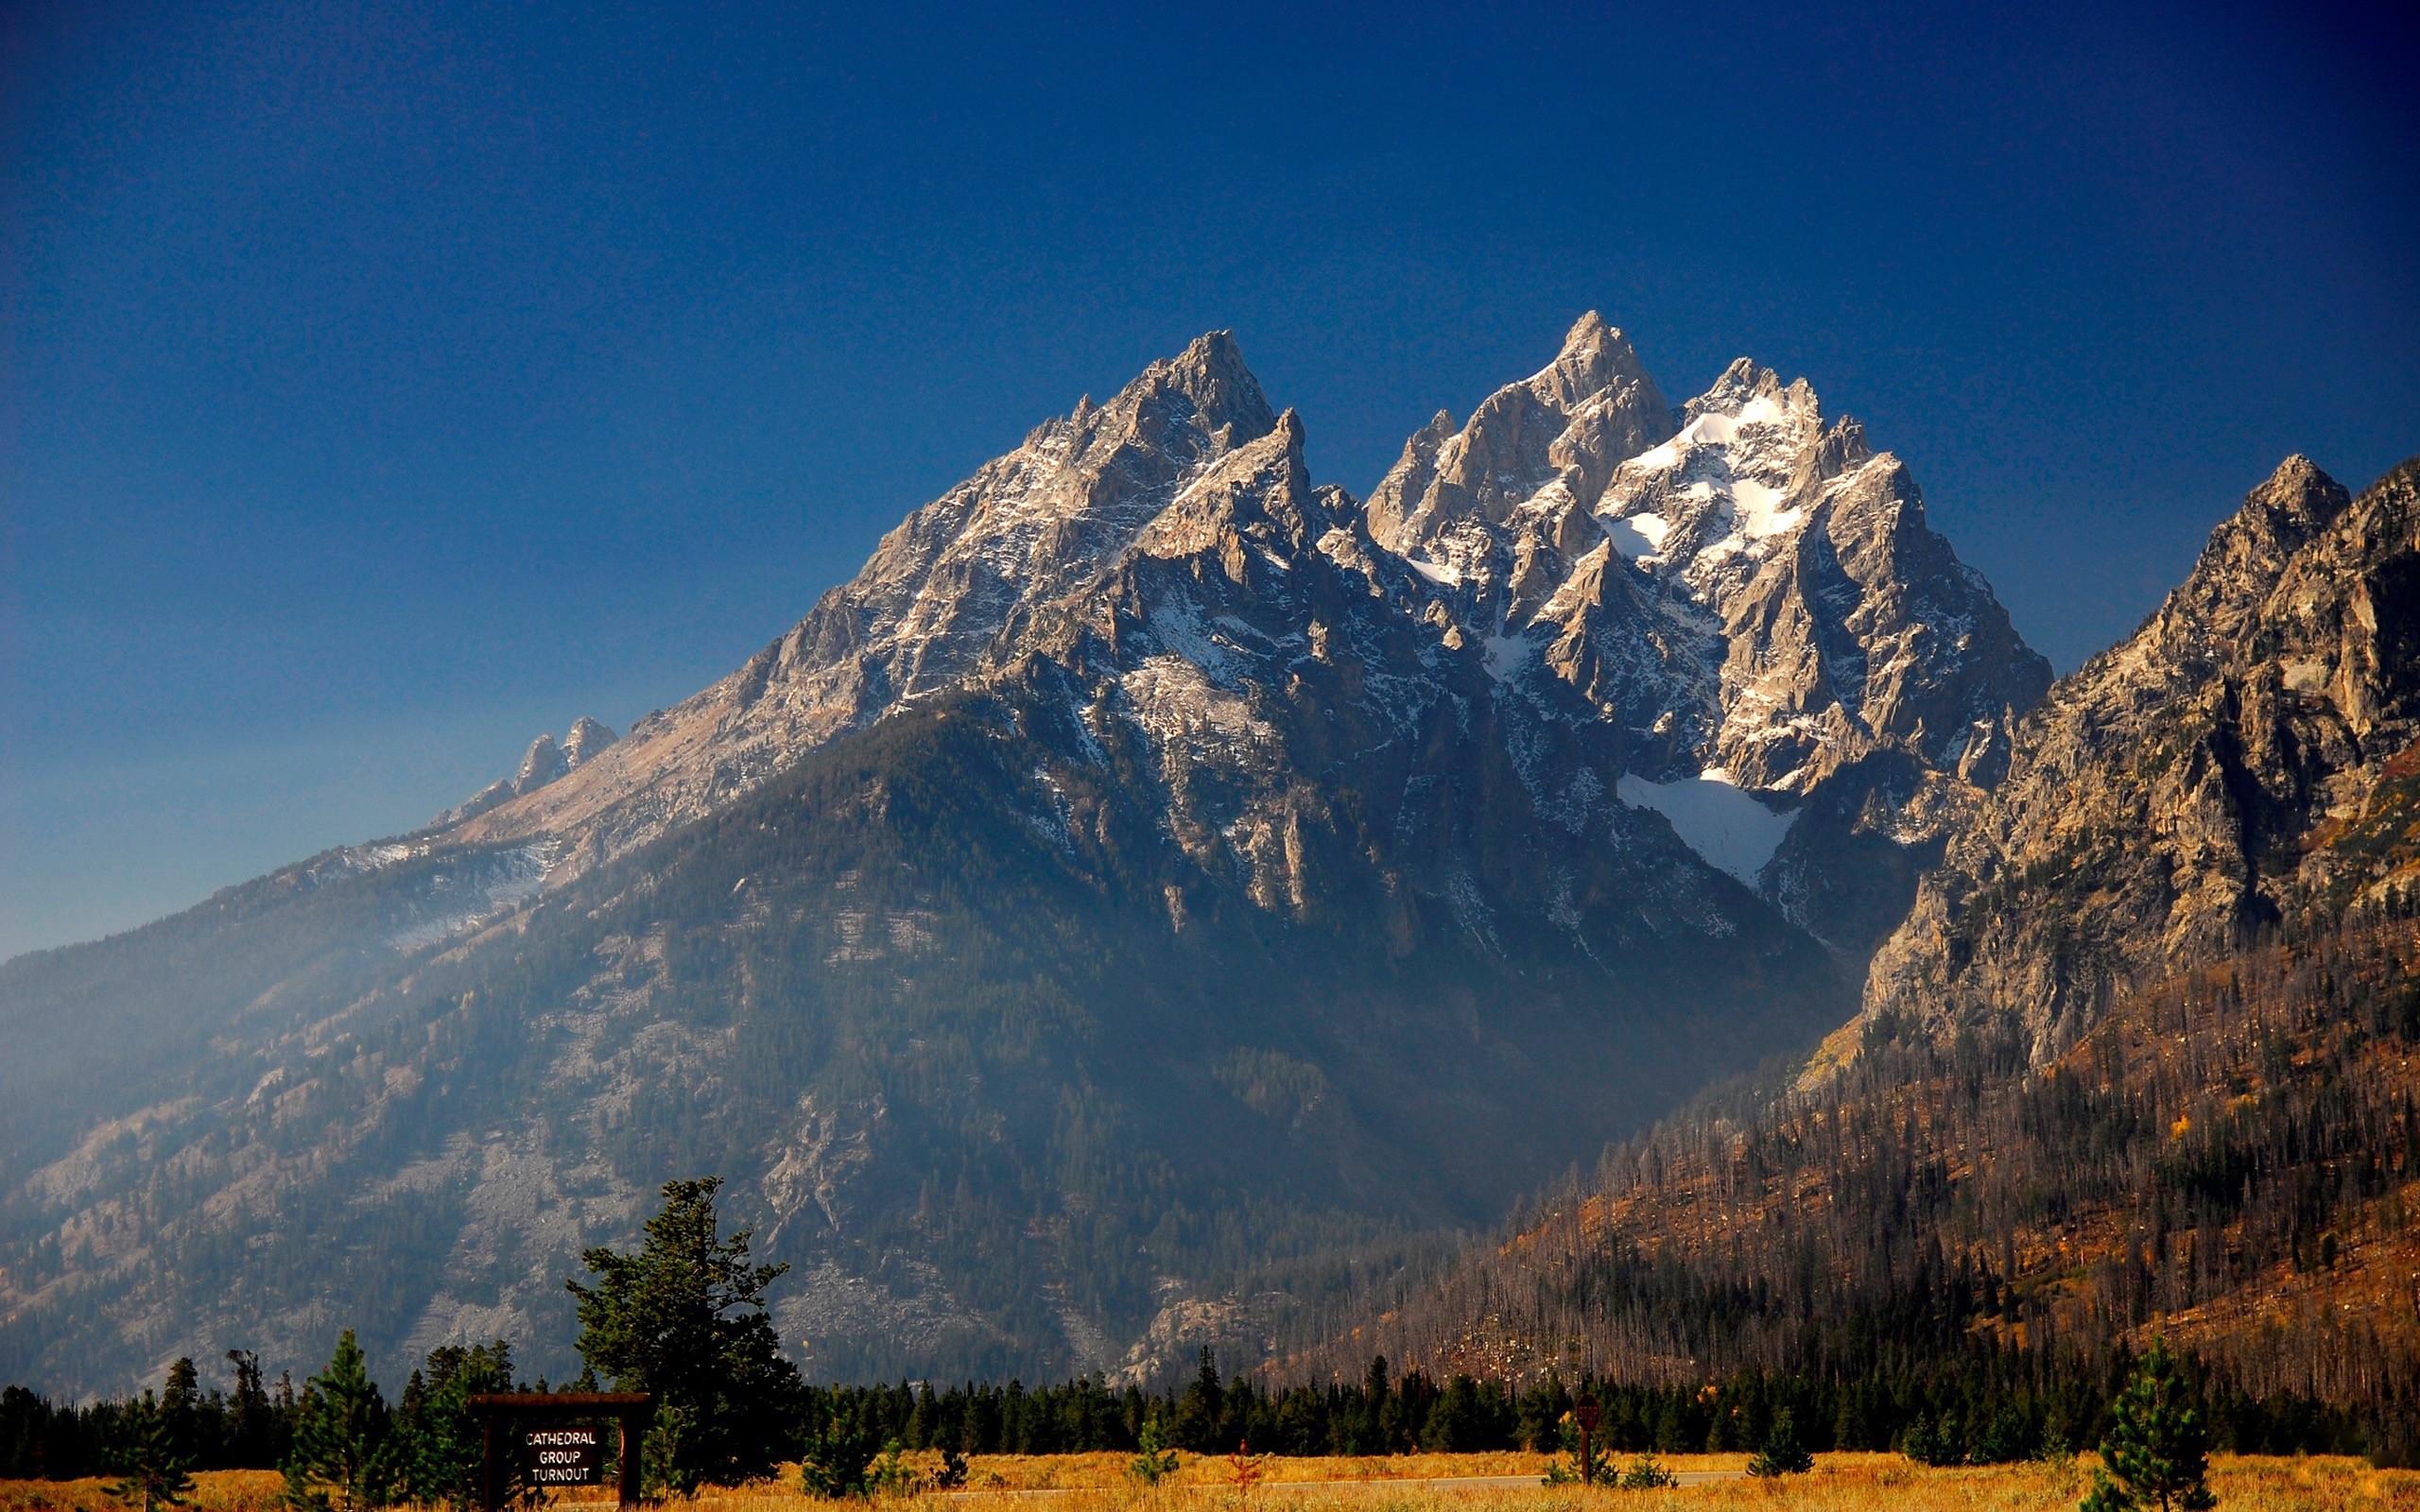 чудесный горные вершины фото на рабочий стол снимки можно